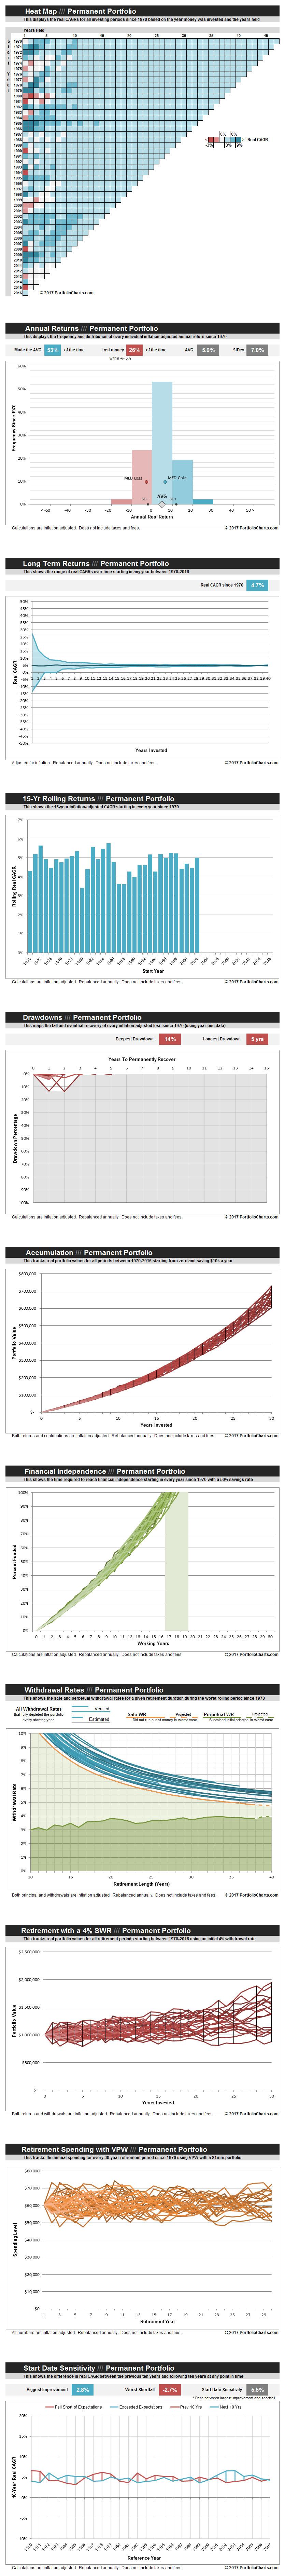 Permanent-Portfolio-20170428